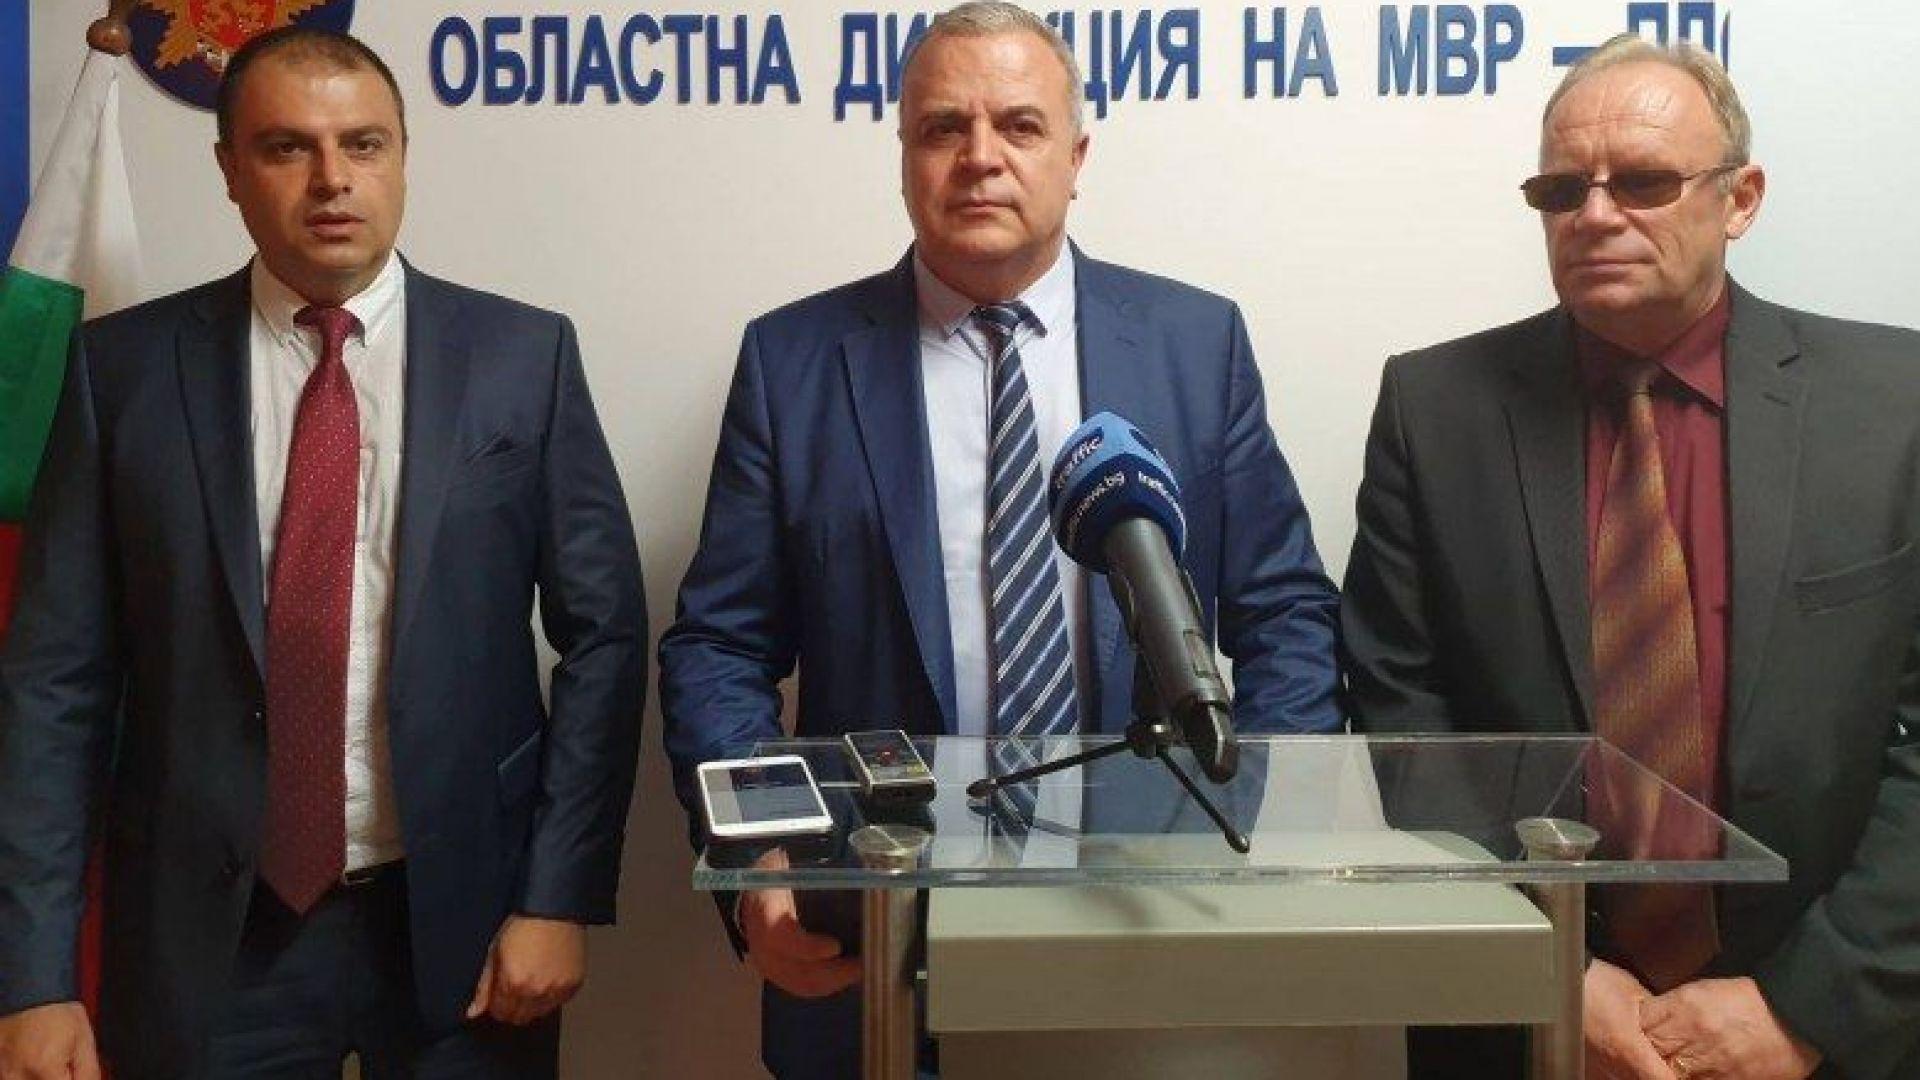 """Представиха новия шеф на МВР-Пловдив, пратили стария в Кърджали да """"овладее"""" нещата"""